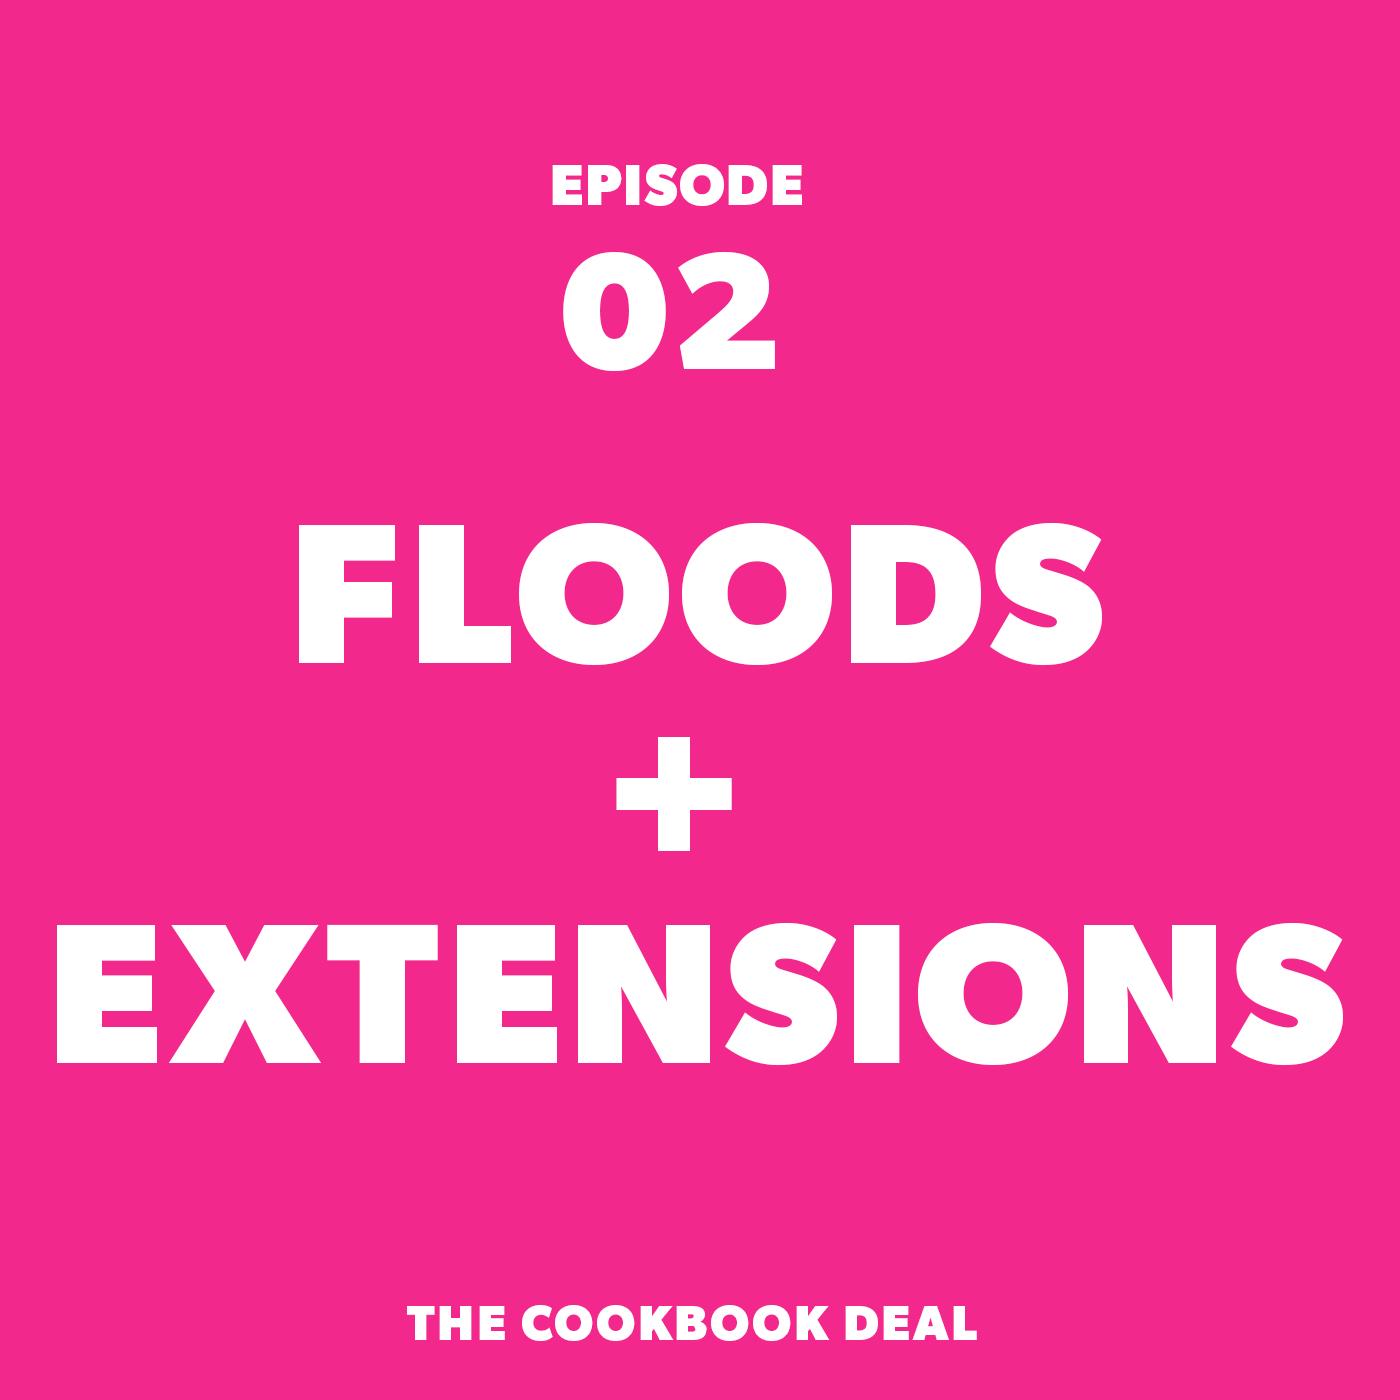 02-Cookbook-Deal-02-Podcast.png